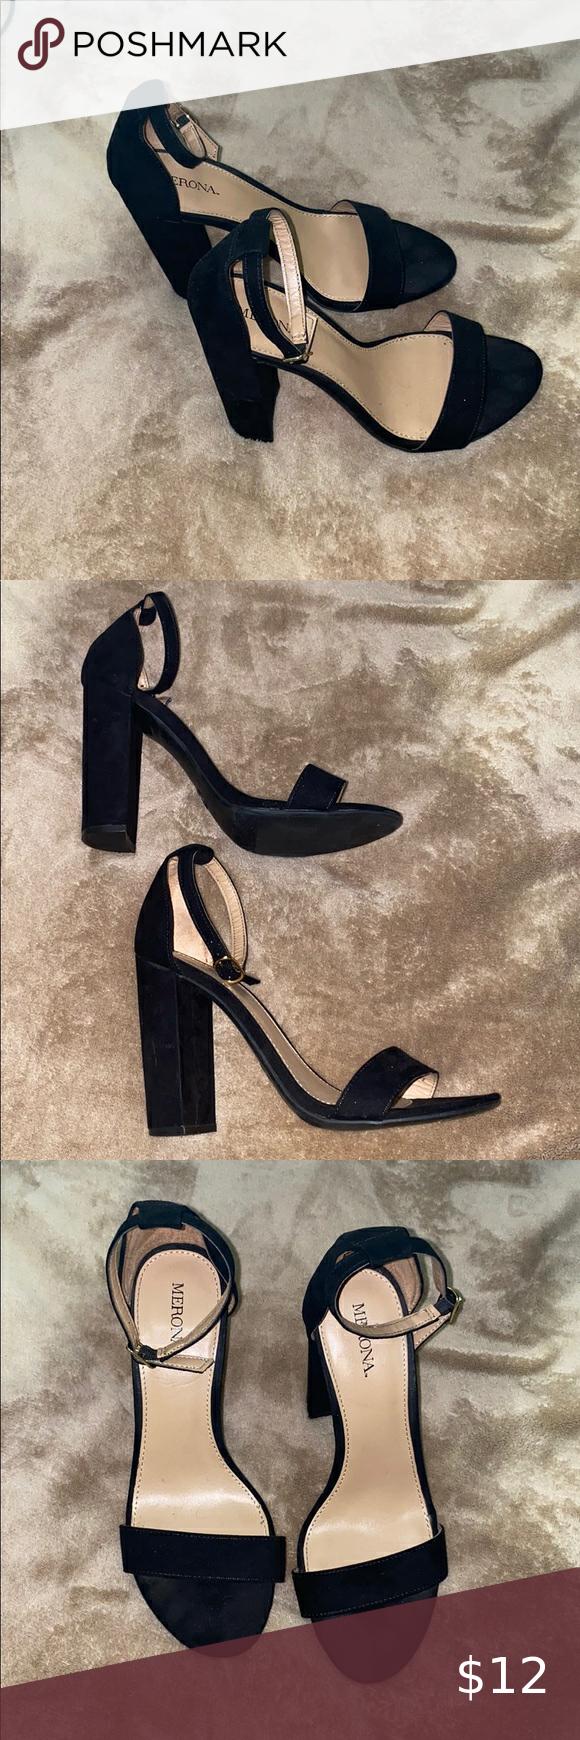 black open toe heels target